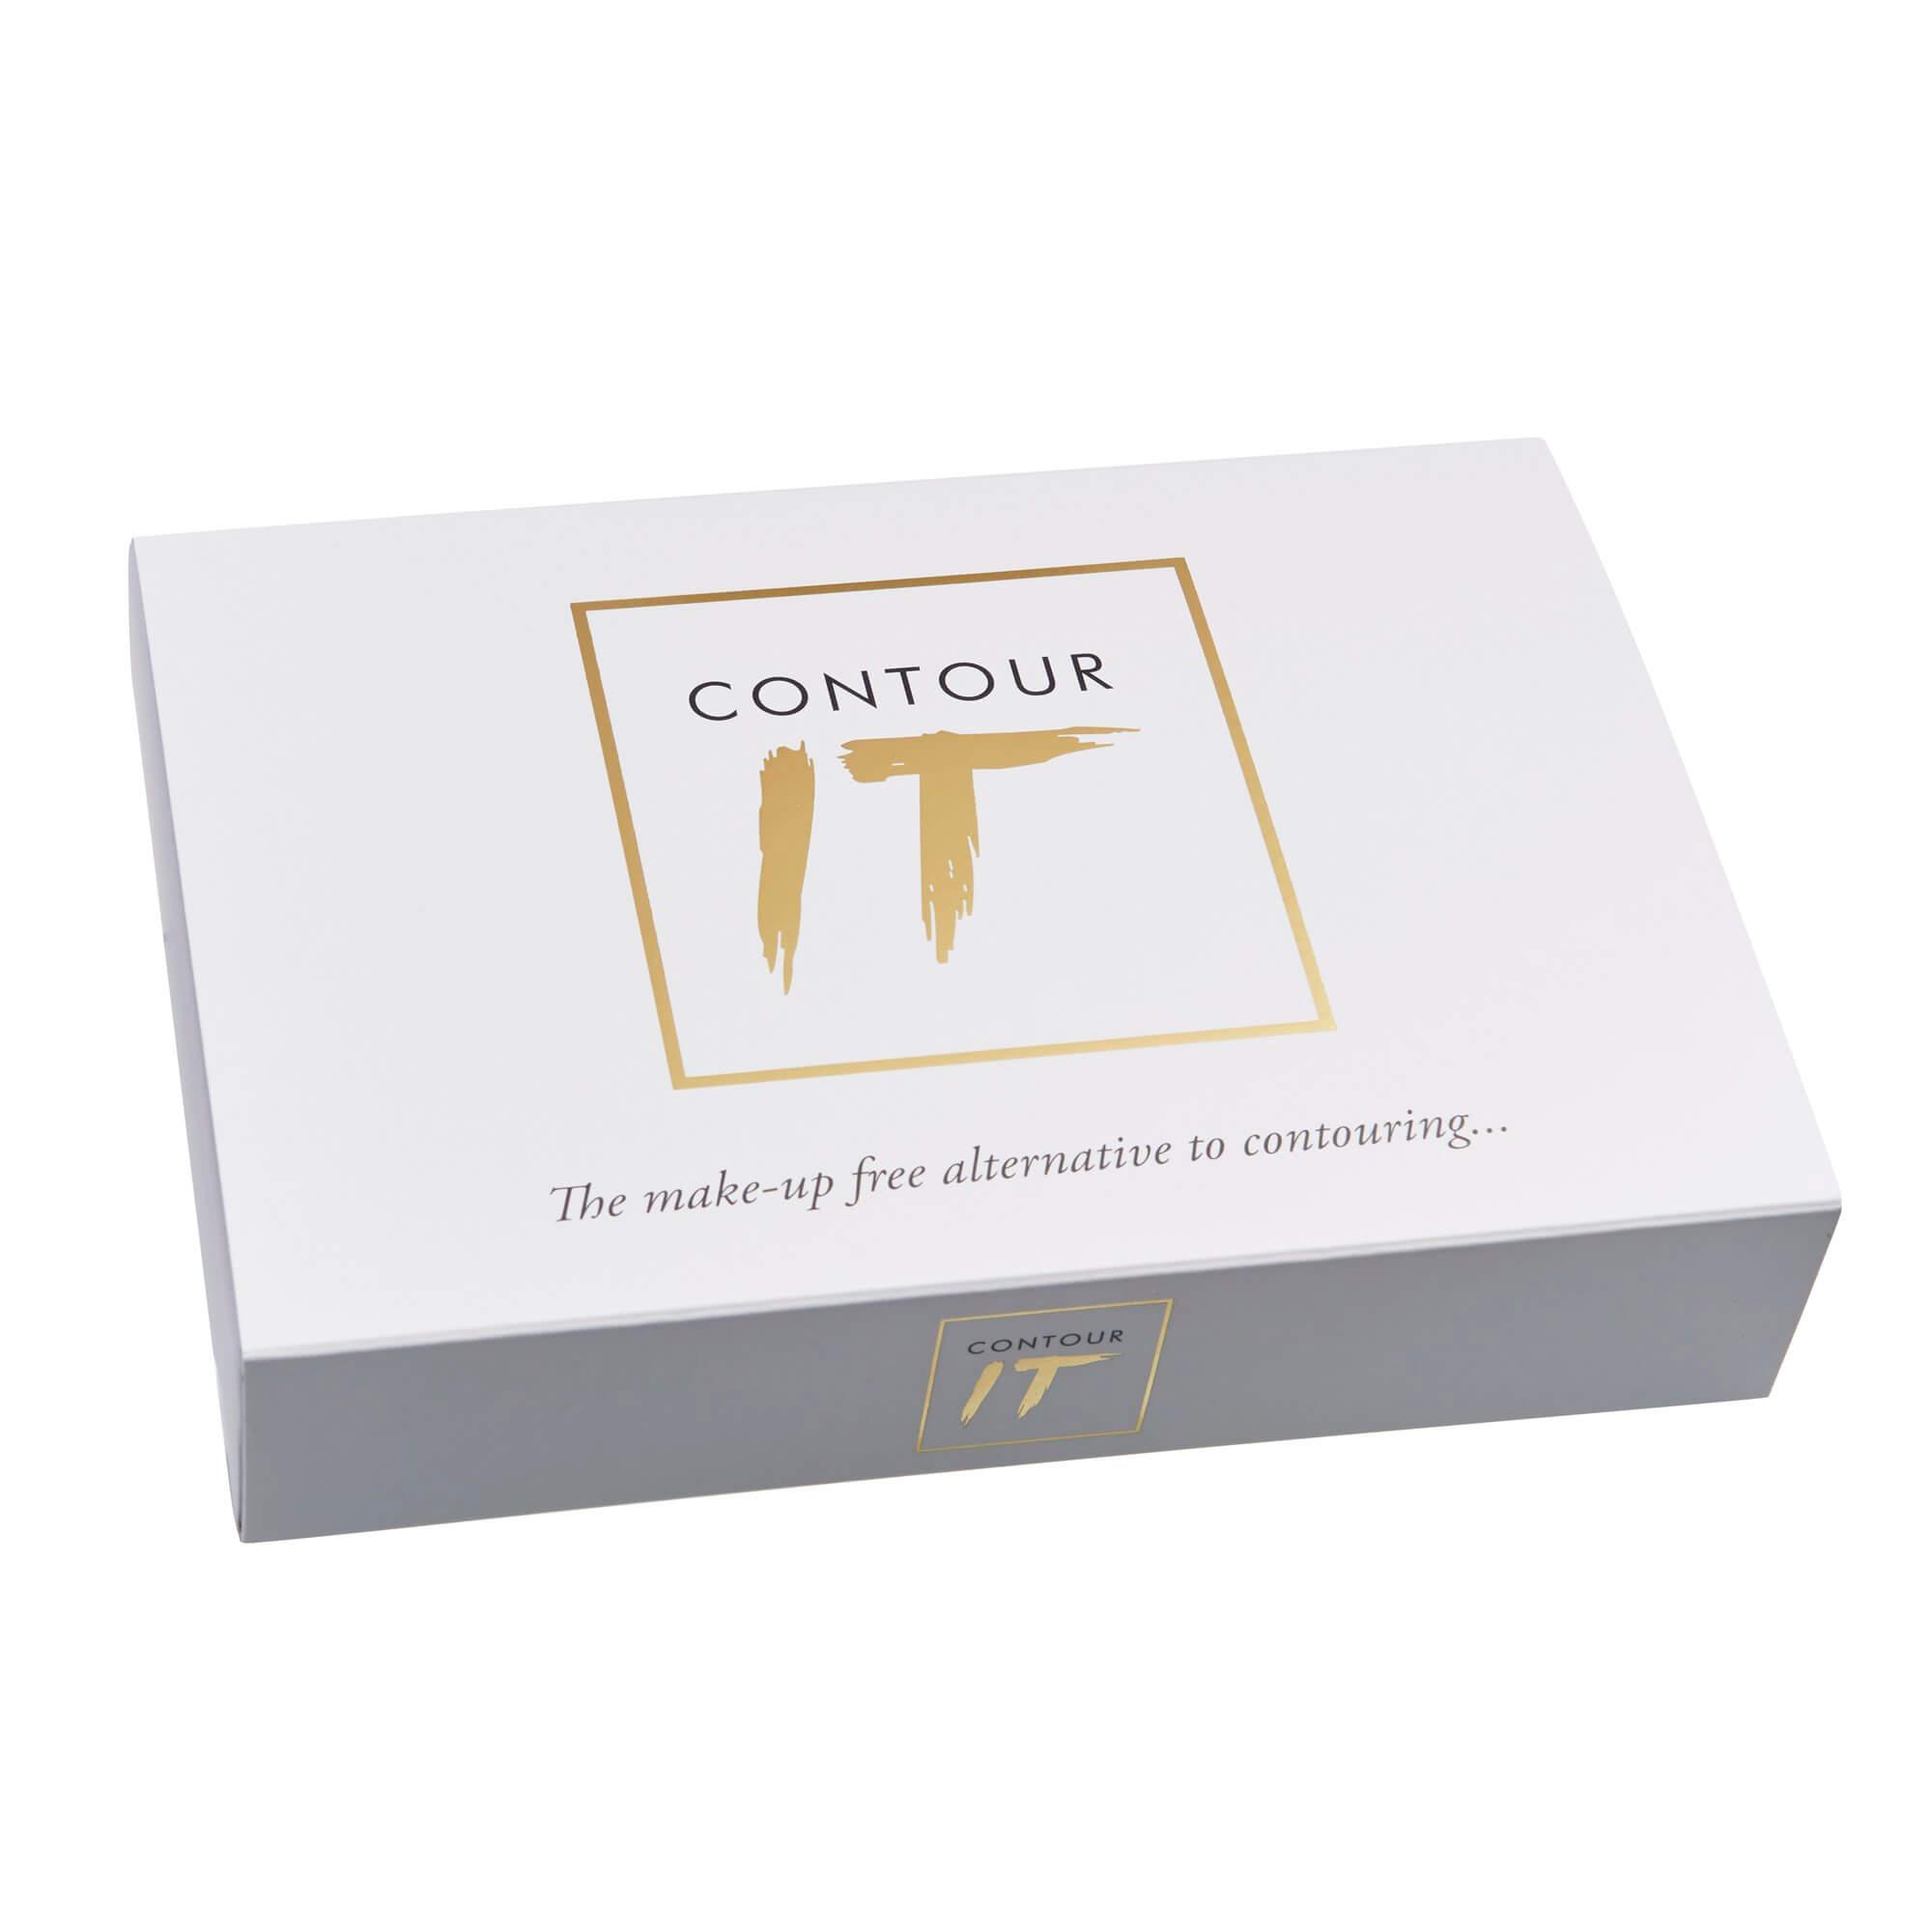 Contour_IT_01